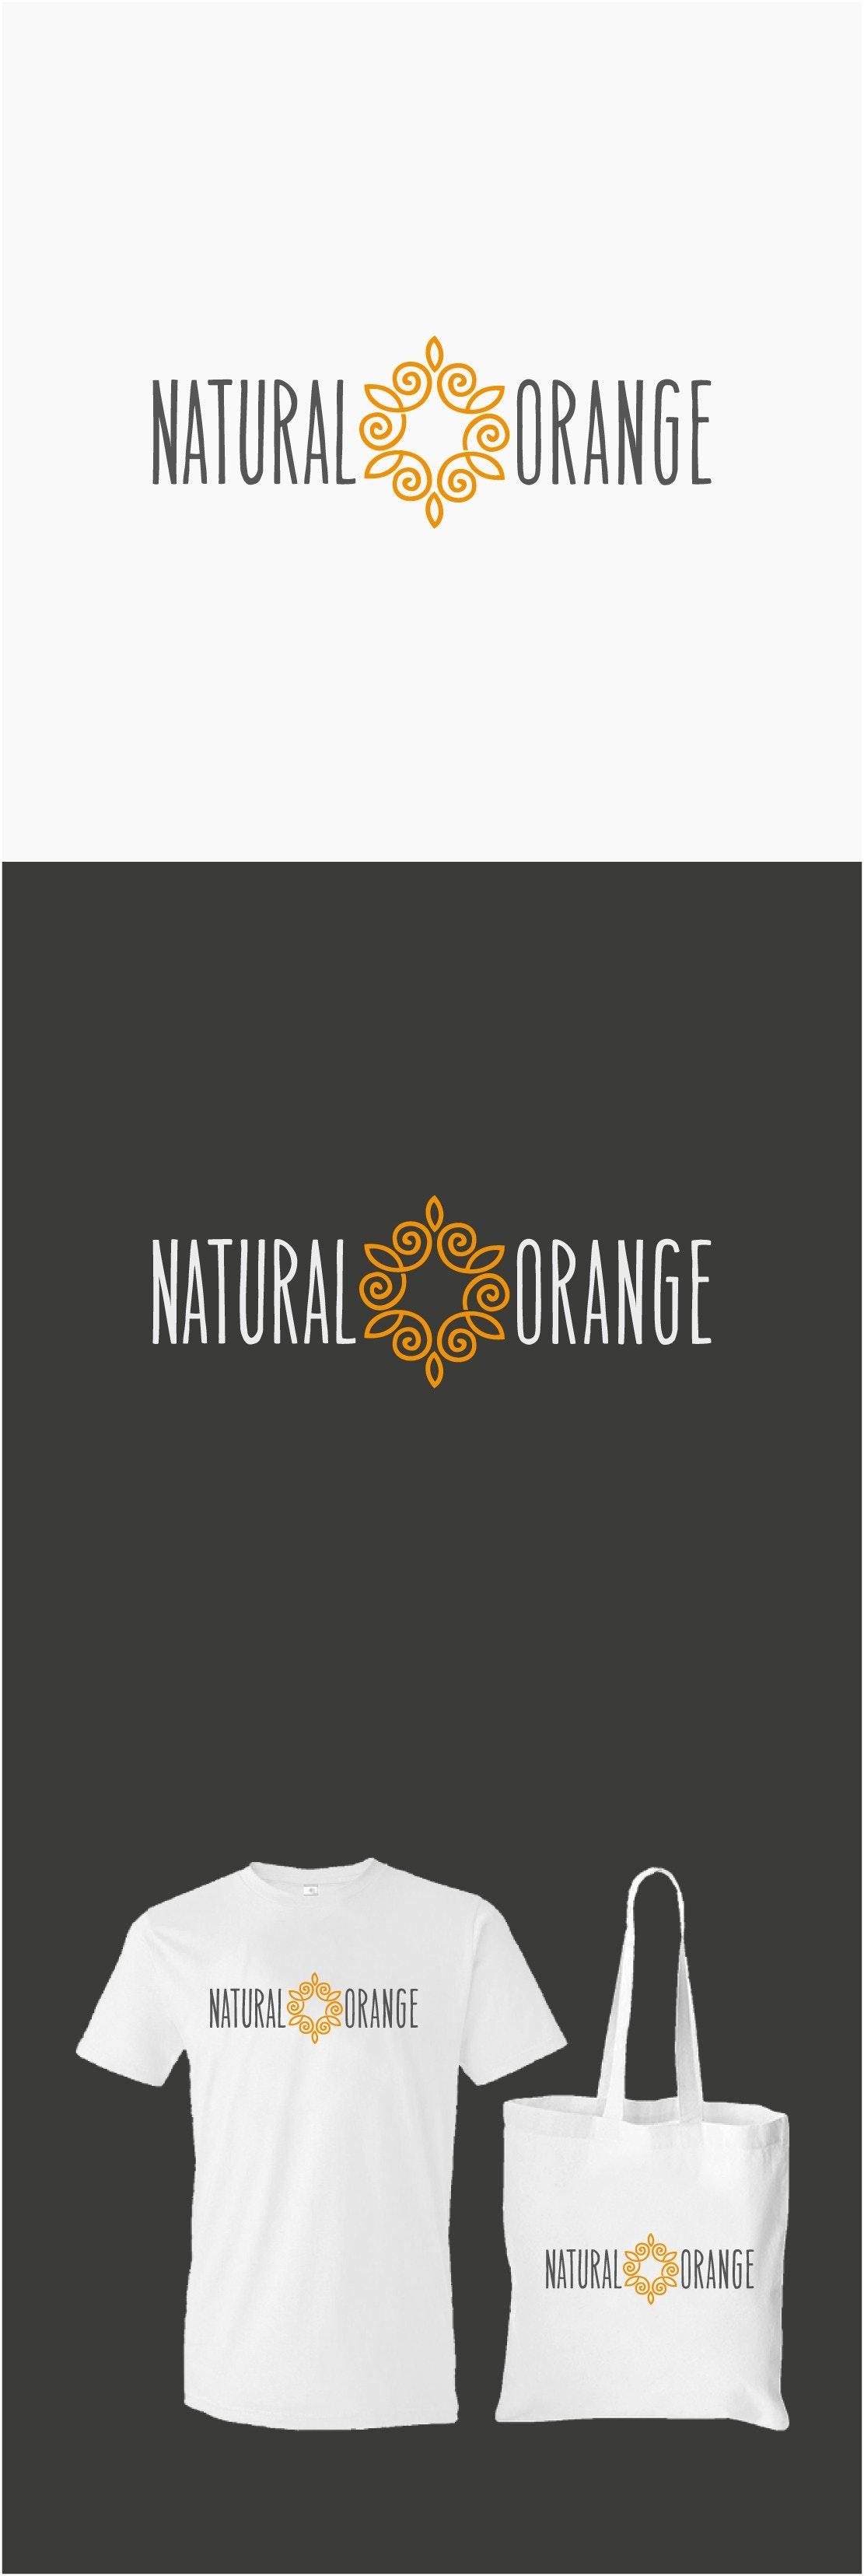 Natural Orange logo